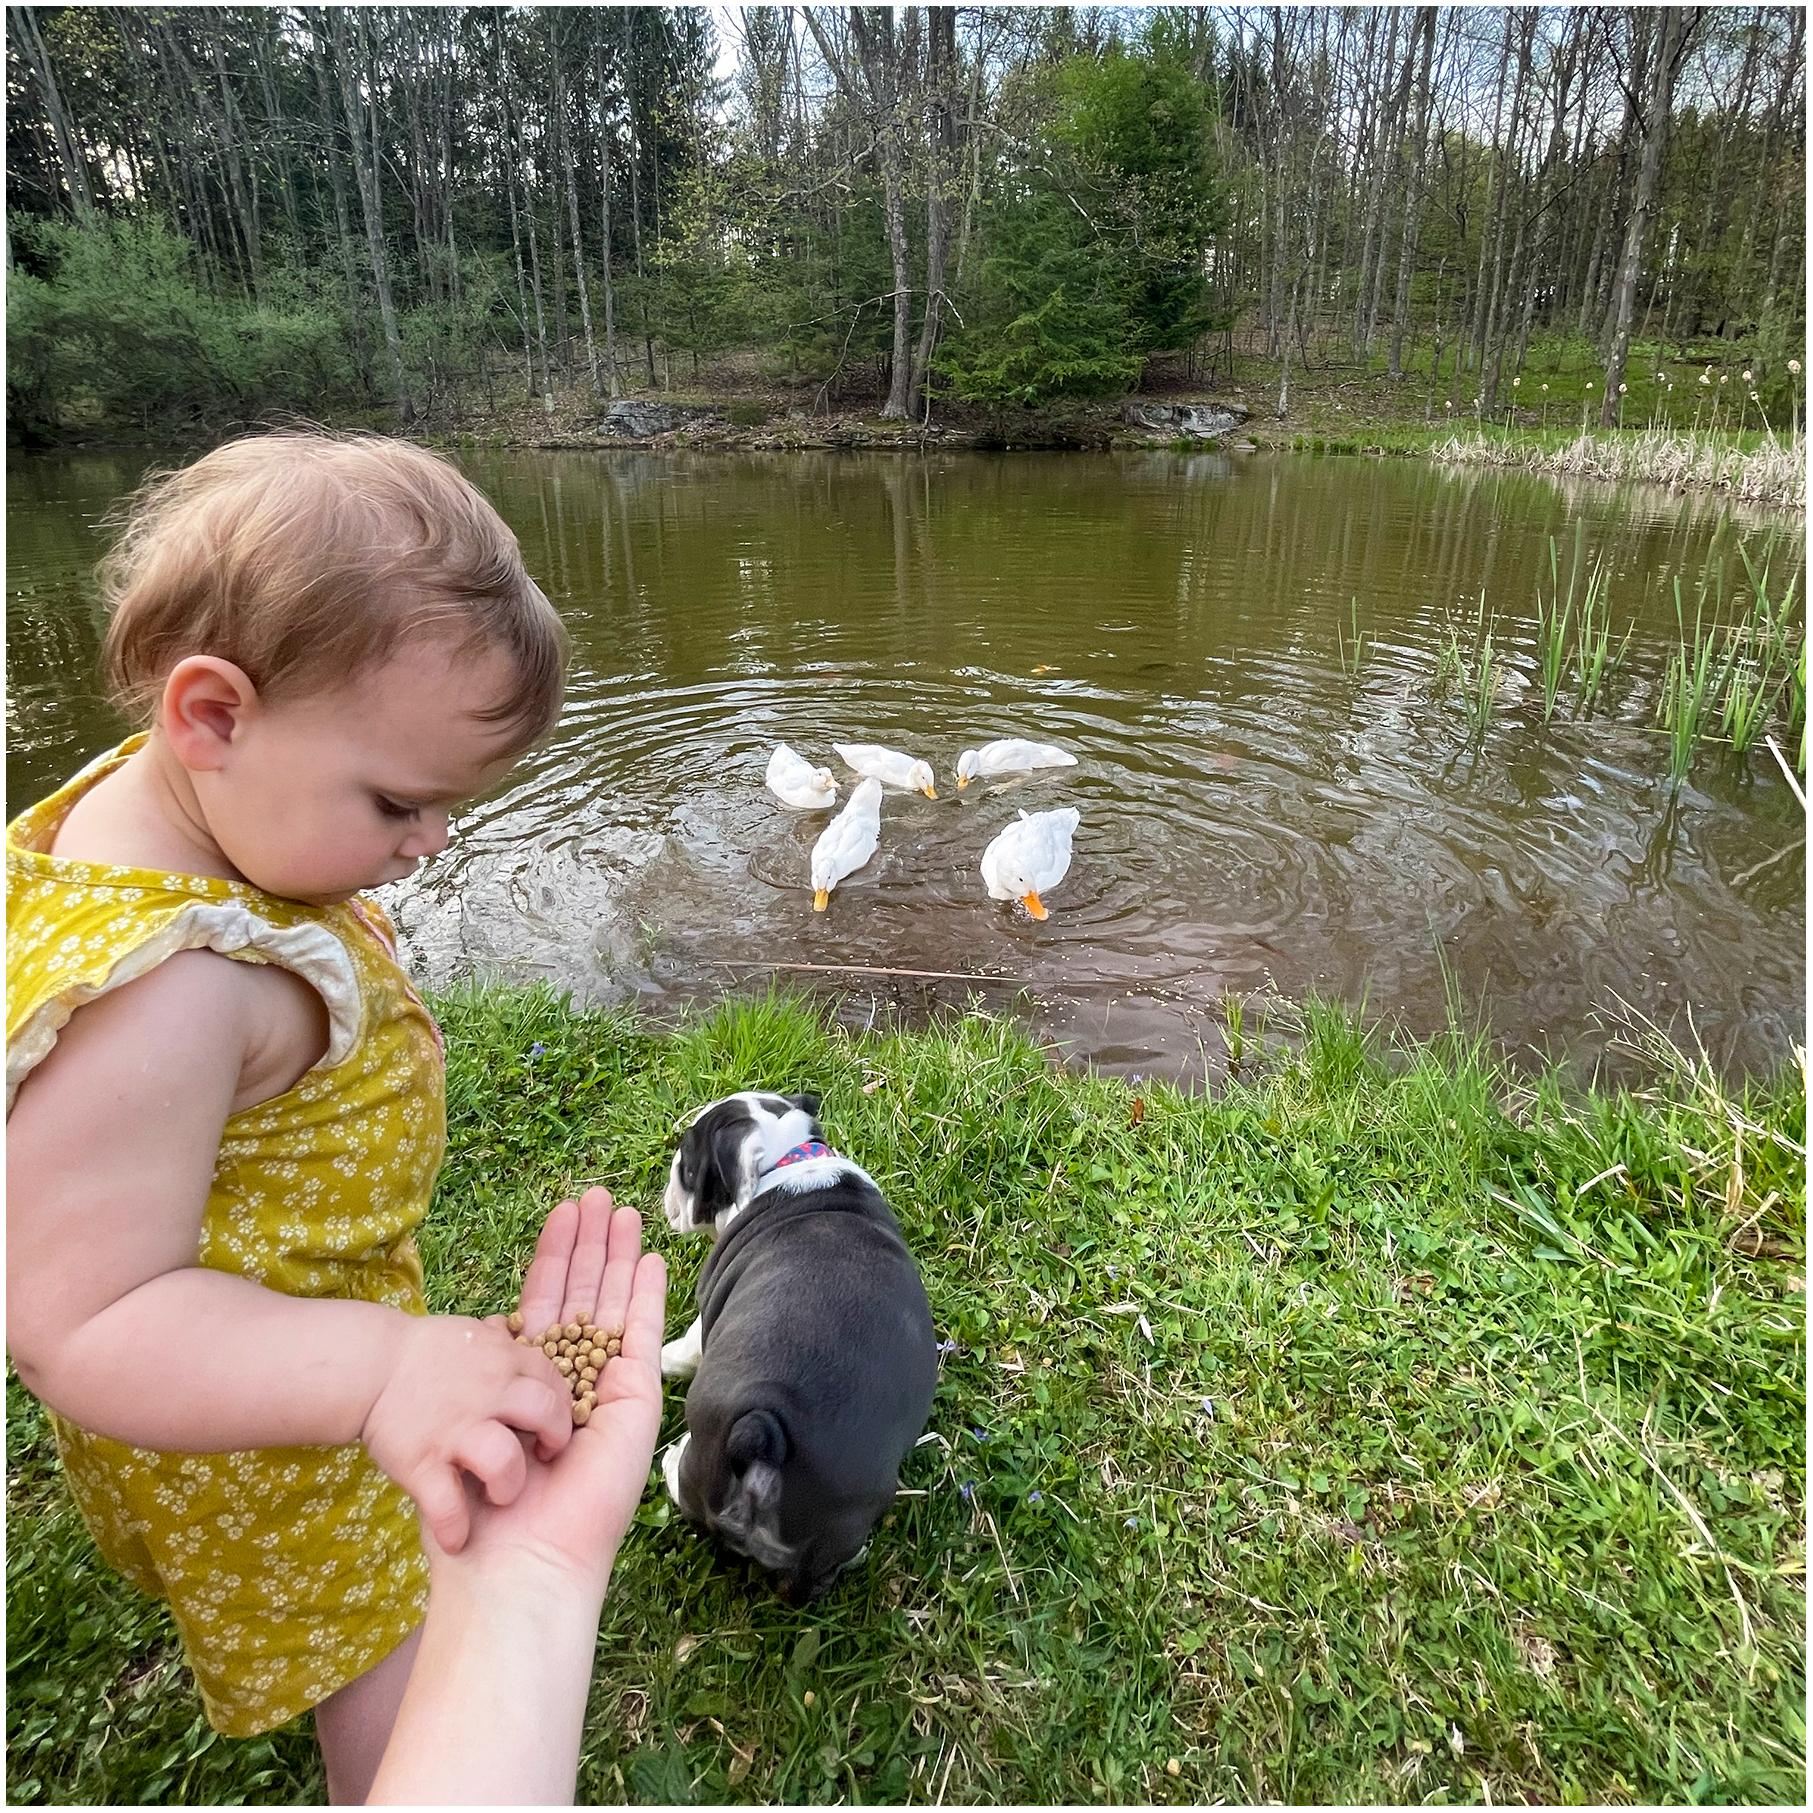 girl-feeding-ducks-in-duck-pond.jpg